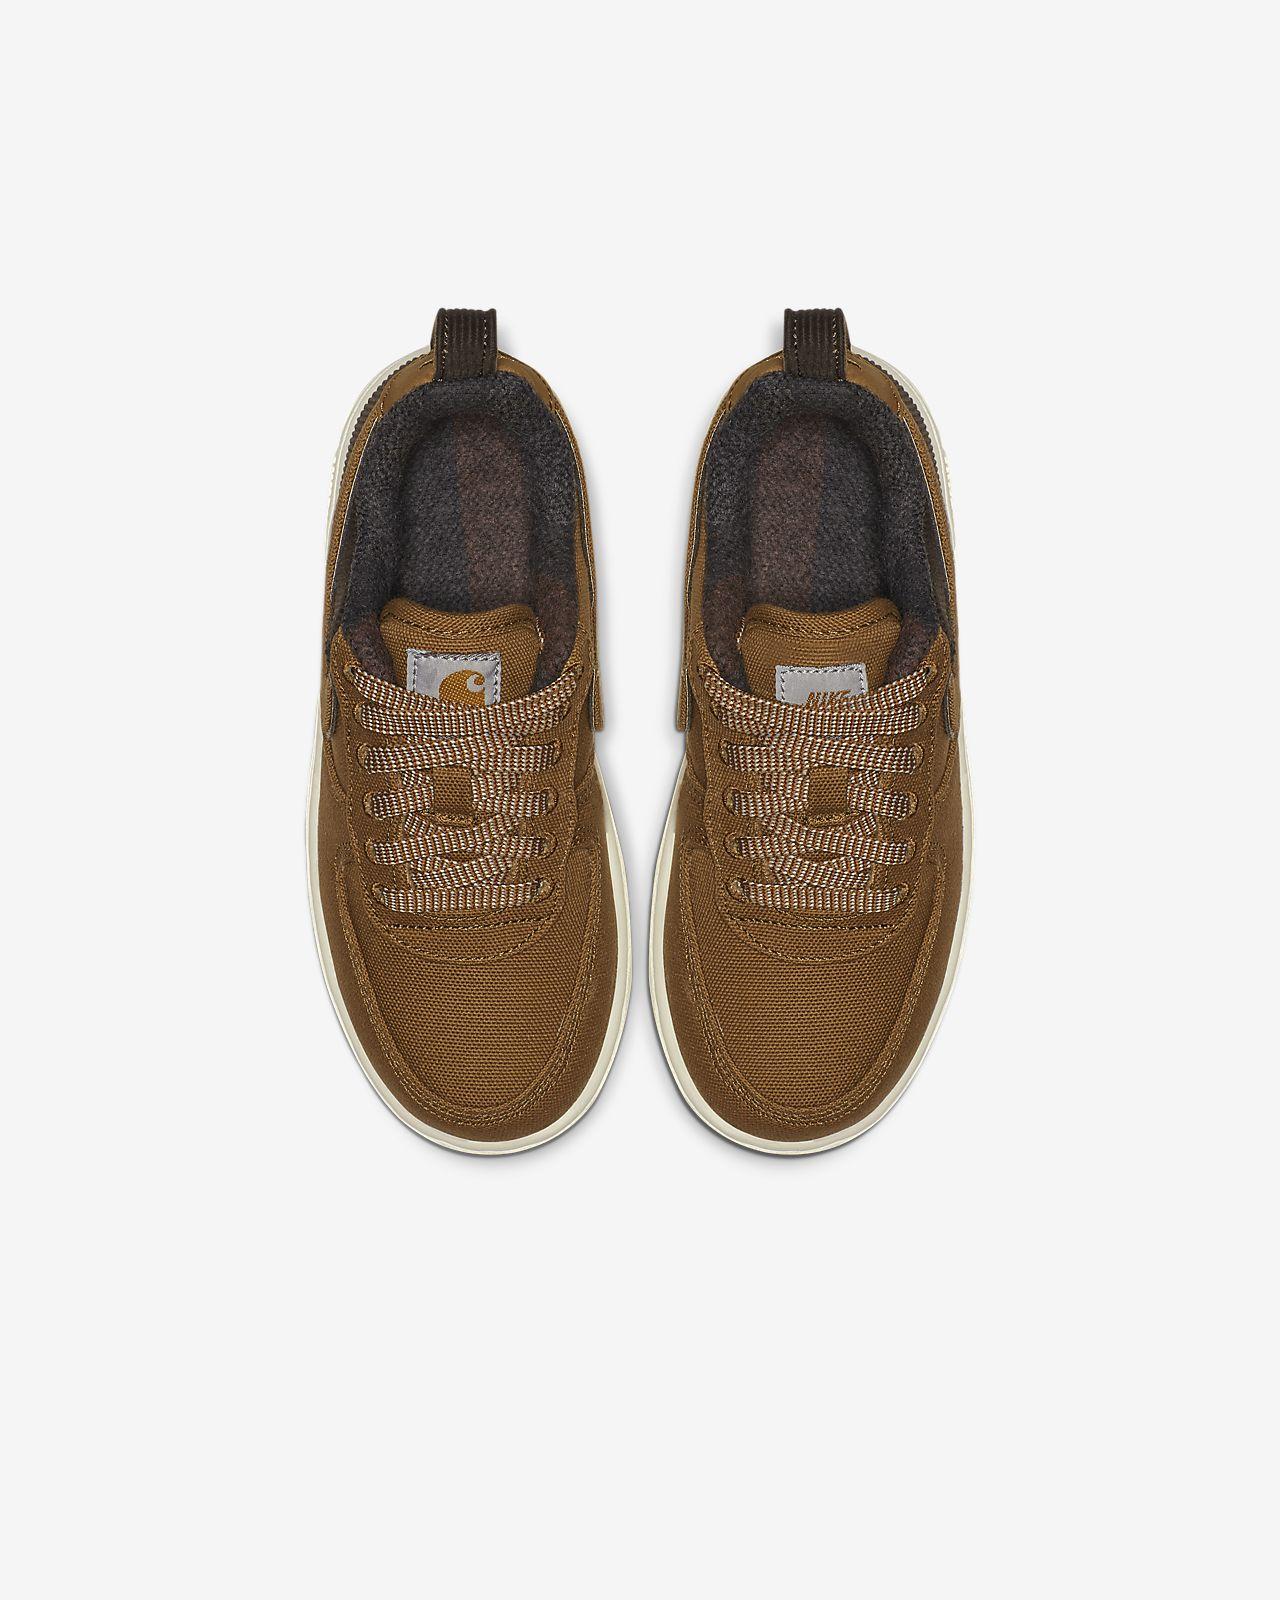 e3d847ec94040 Für Premium Nike 1 Force Schuh Kinder Wip De Jüngere qw4A4TfX